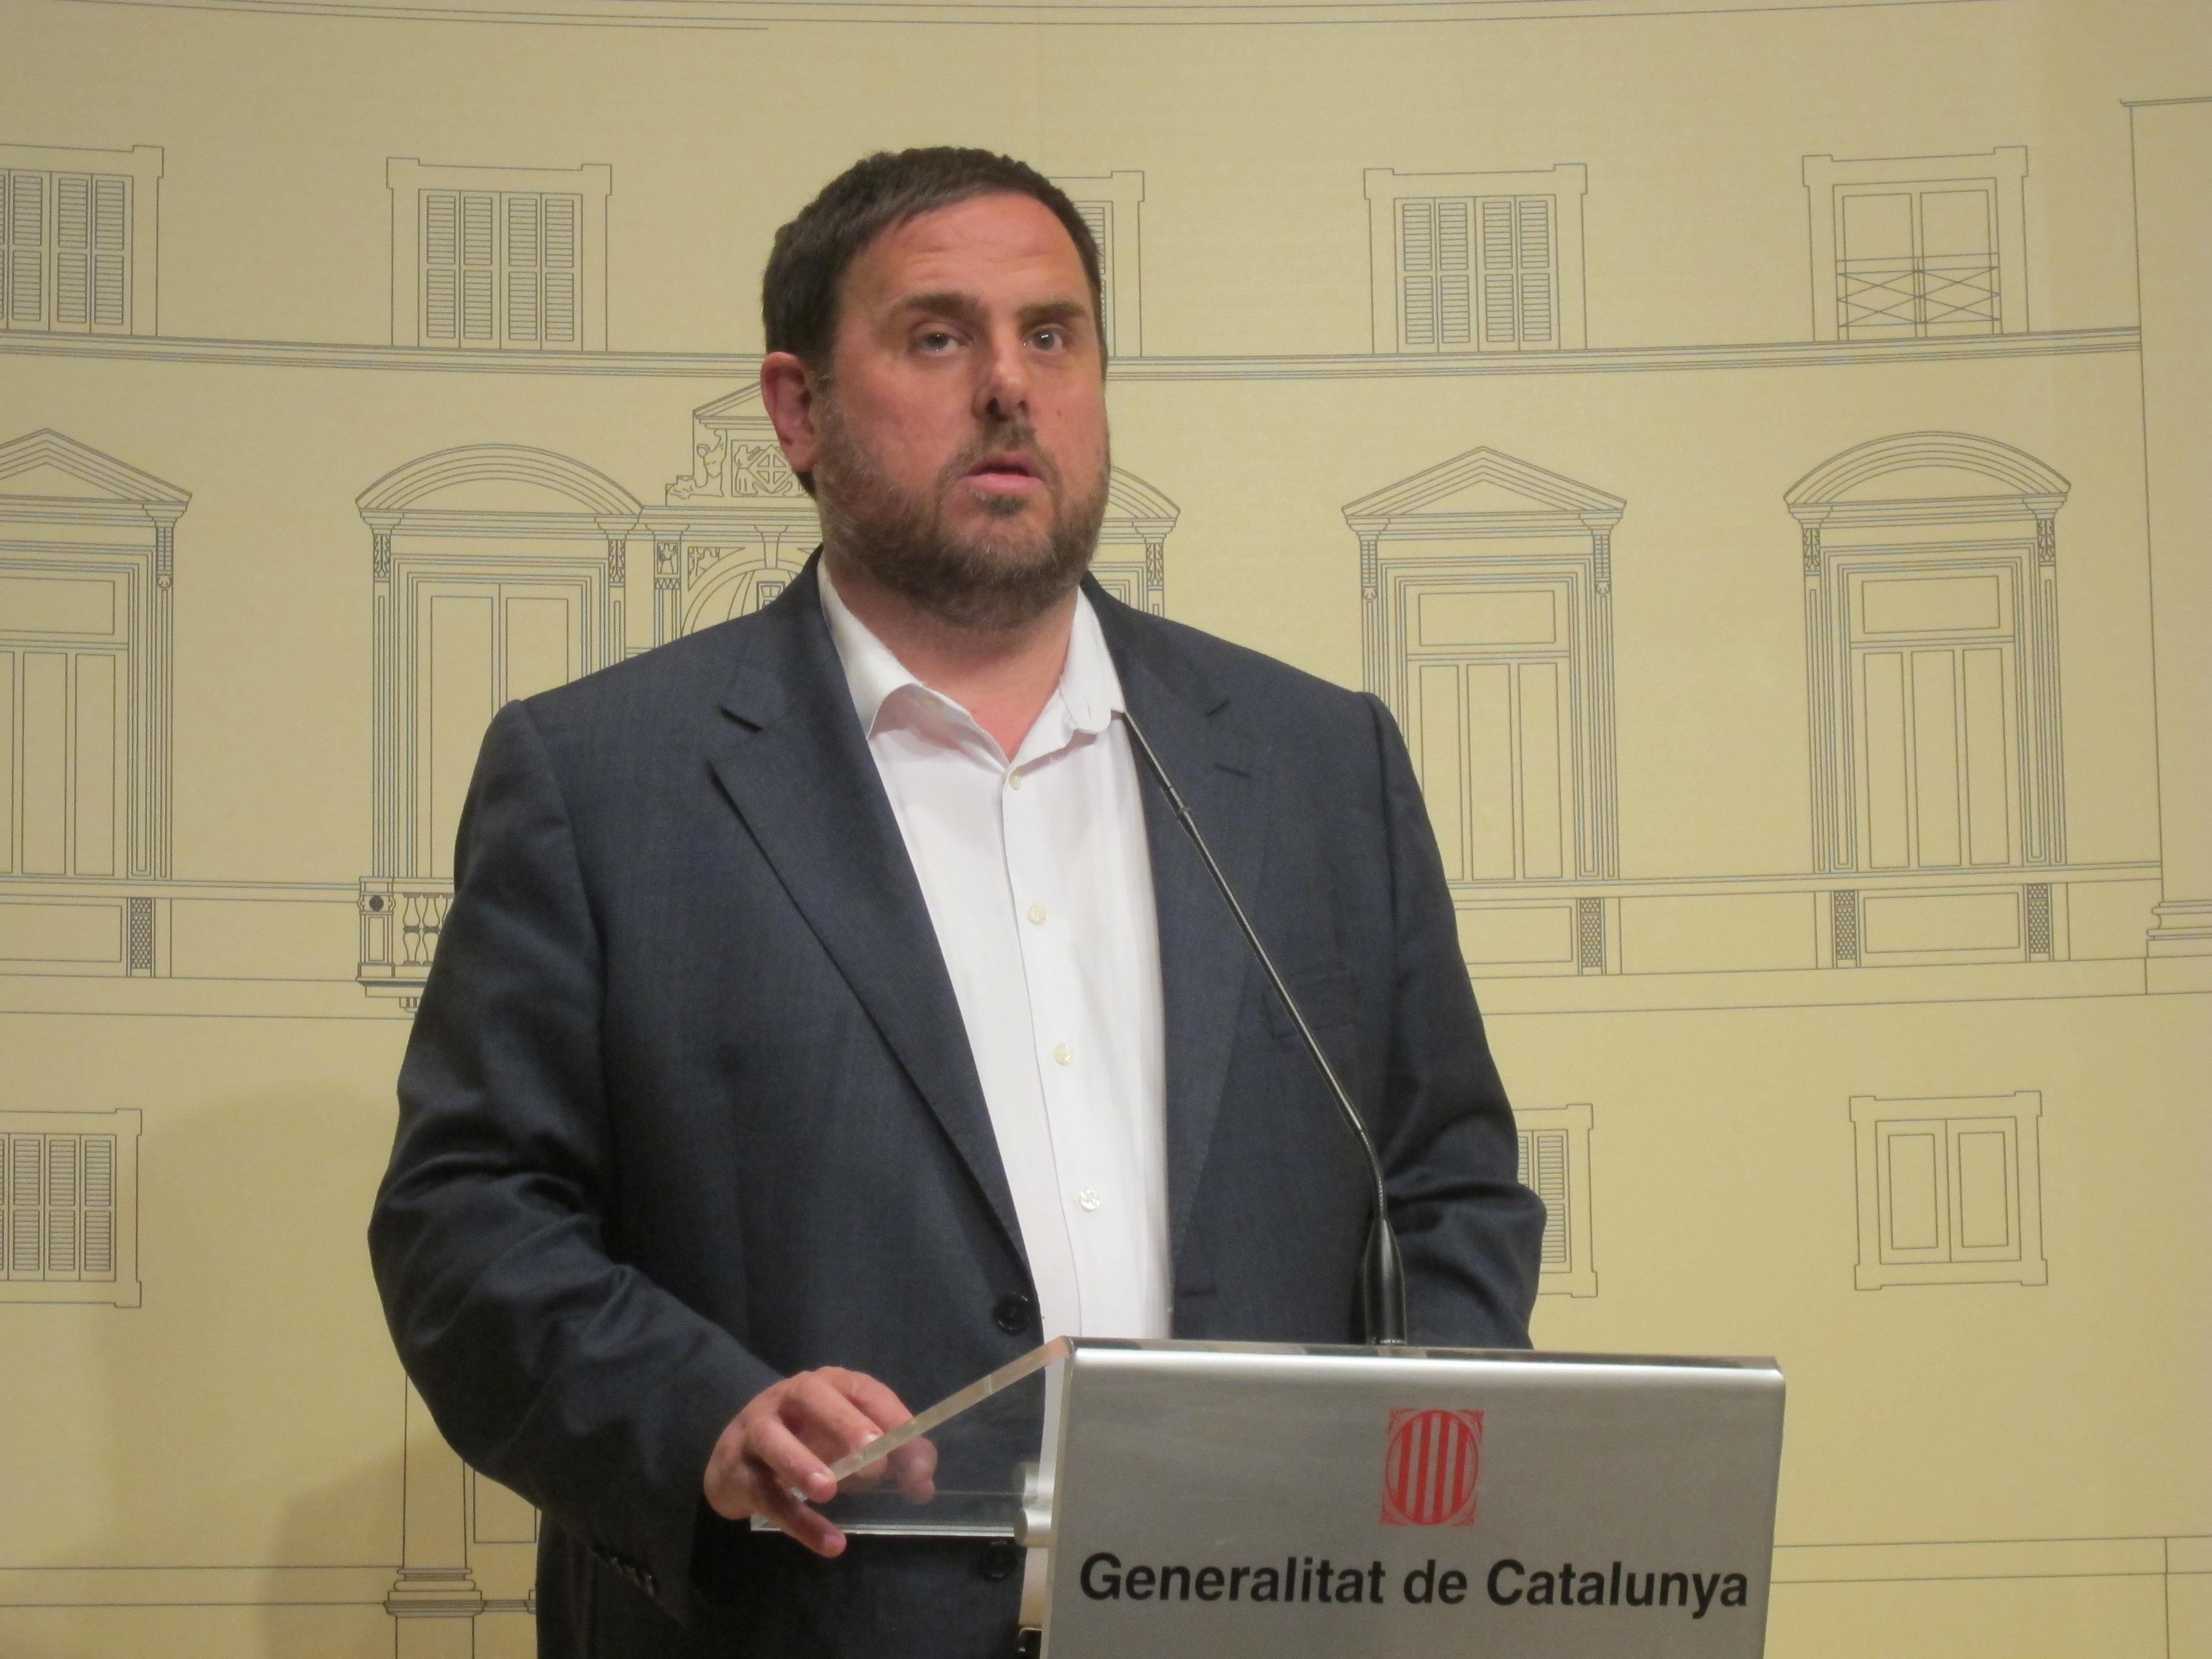 Junqueras confía en que Mas convocará la consulta en 2014 y niega haber amenazado a Duran